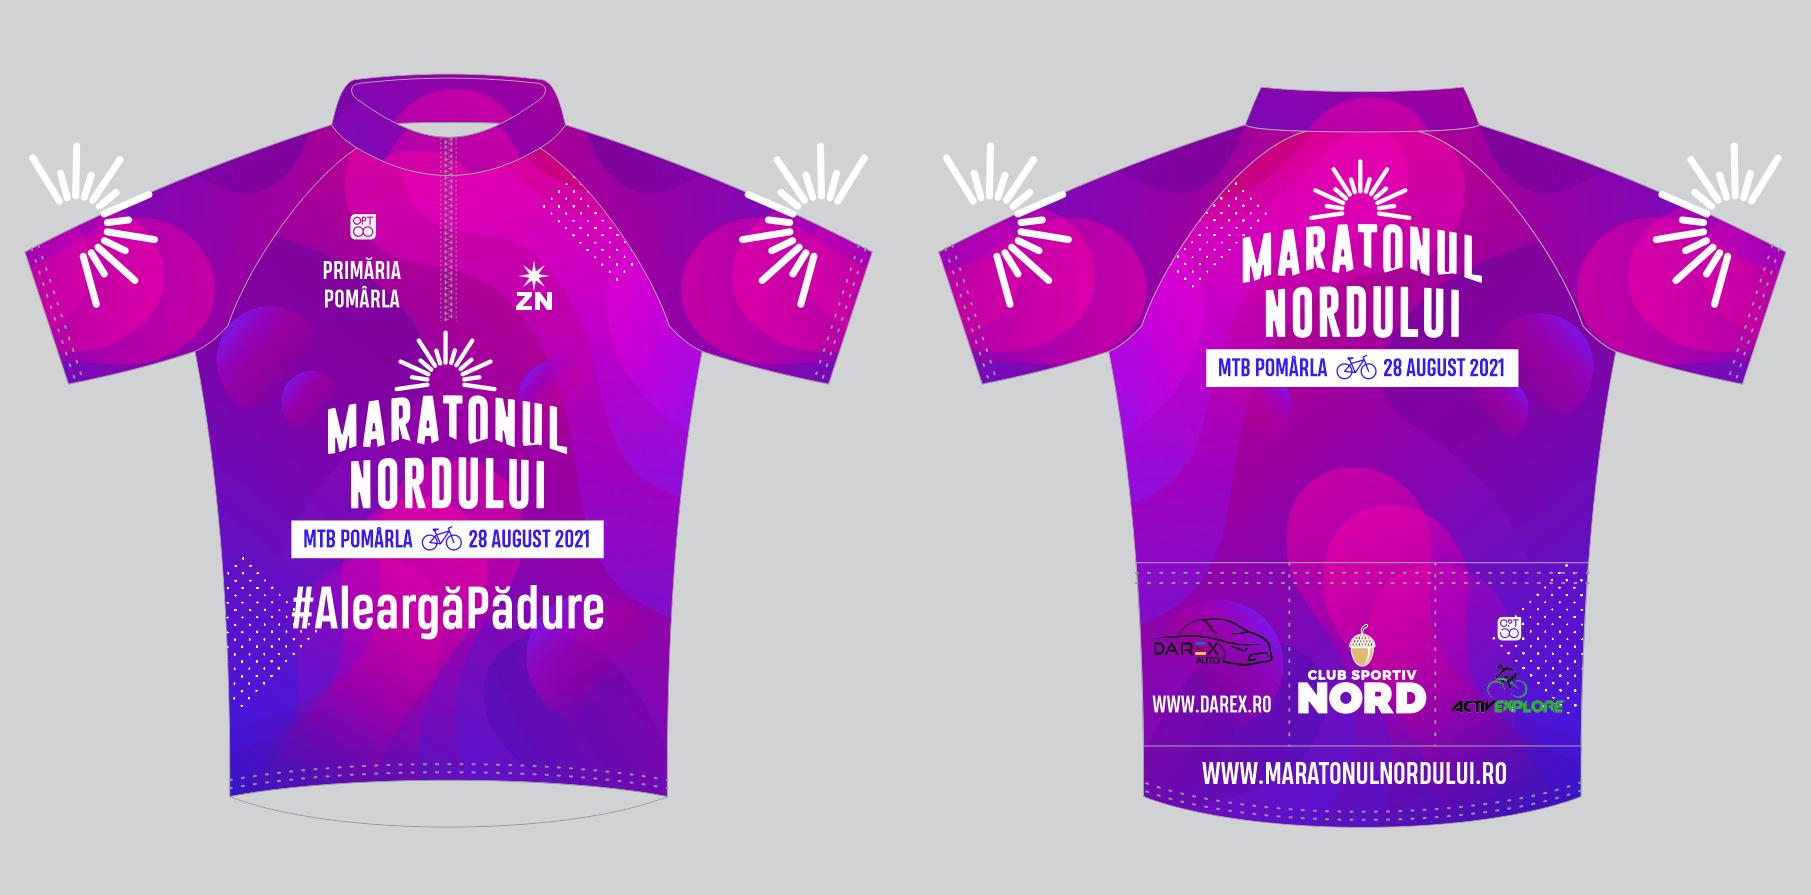 Maratonul Nordului. Programul competiţiei din acest an